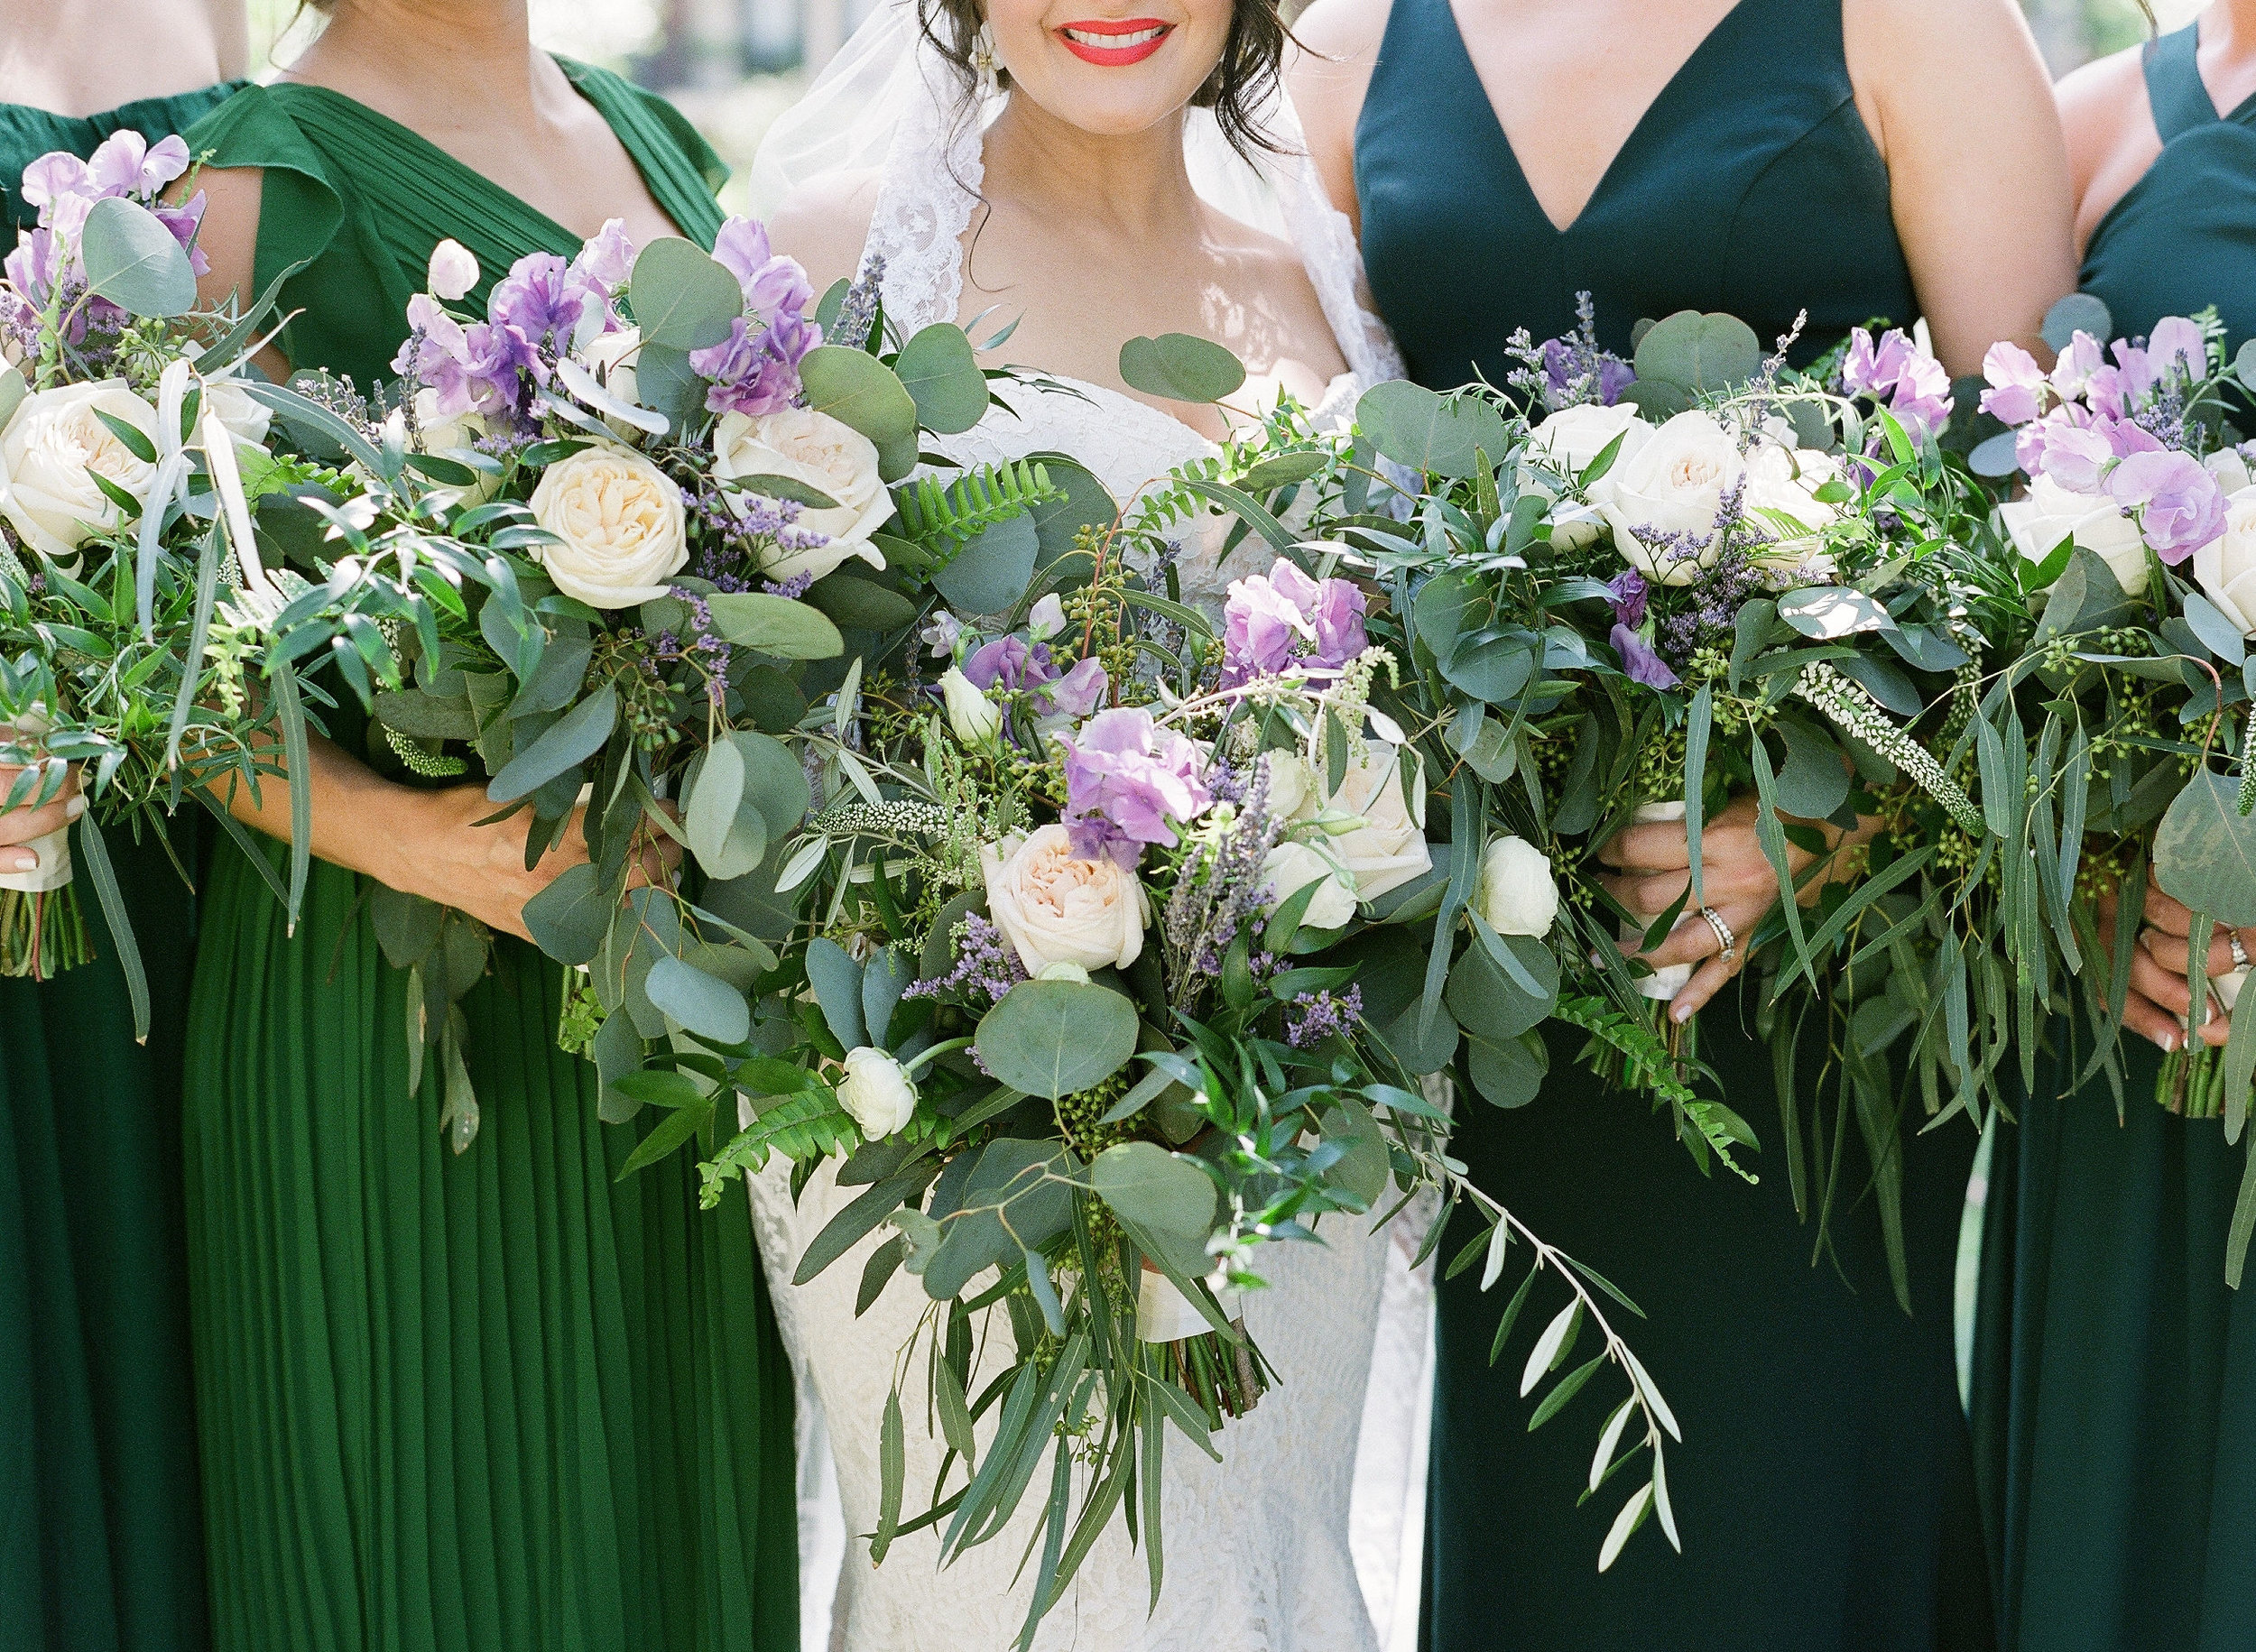 22-ivory-and-beau-bridal-boutique-wedding-dress-bridal-shop-alexjanelle_joshmorehousephotography-116.jpg